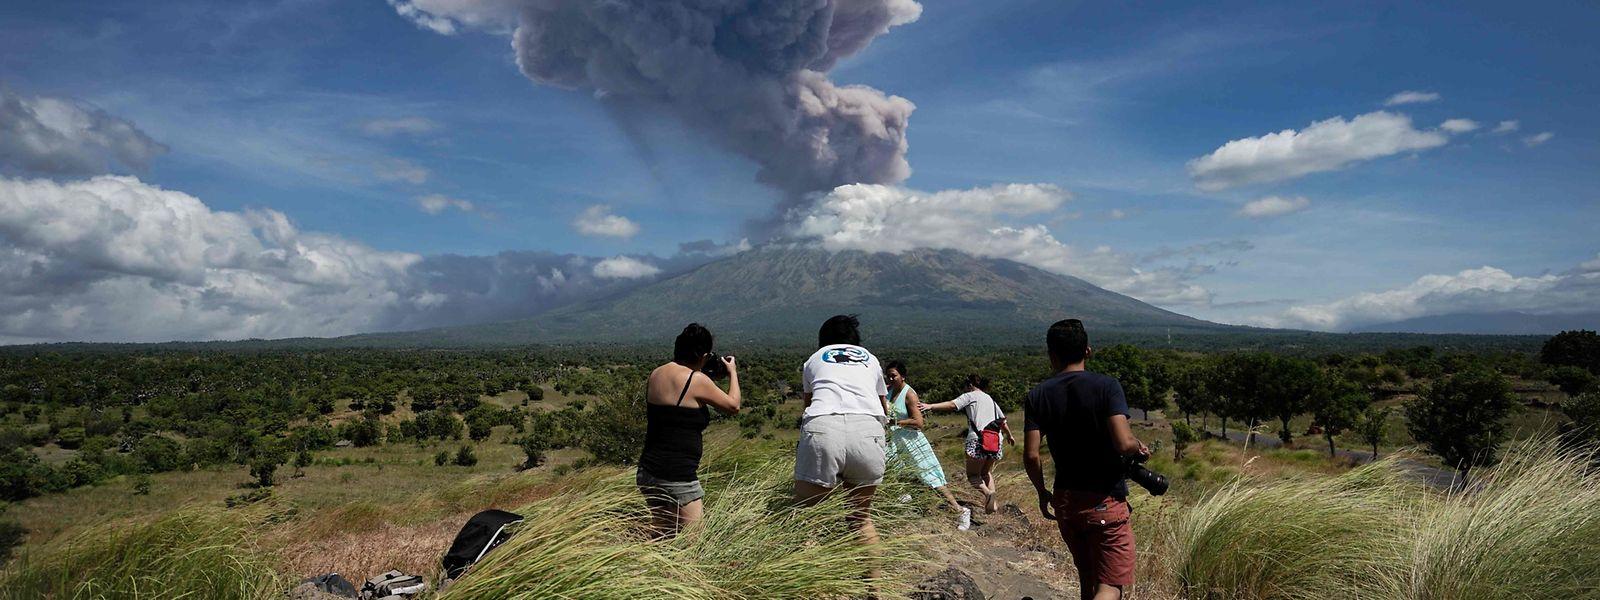 Eine Aschewolke erhebt sich über dem Vulkan Agung auf der Insel Bali in Indonesien.